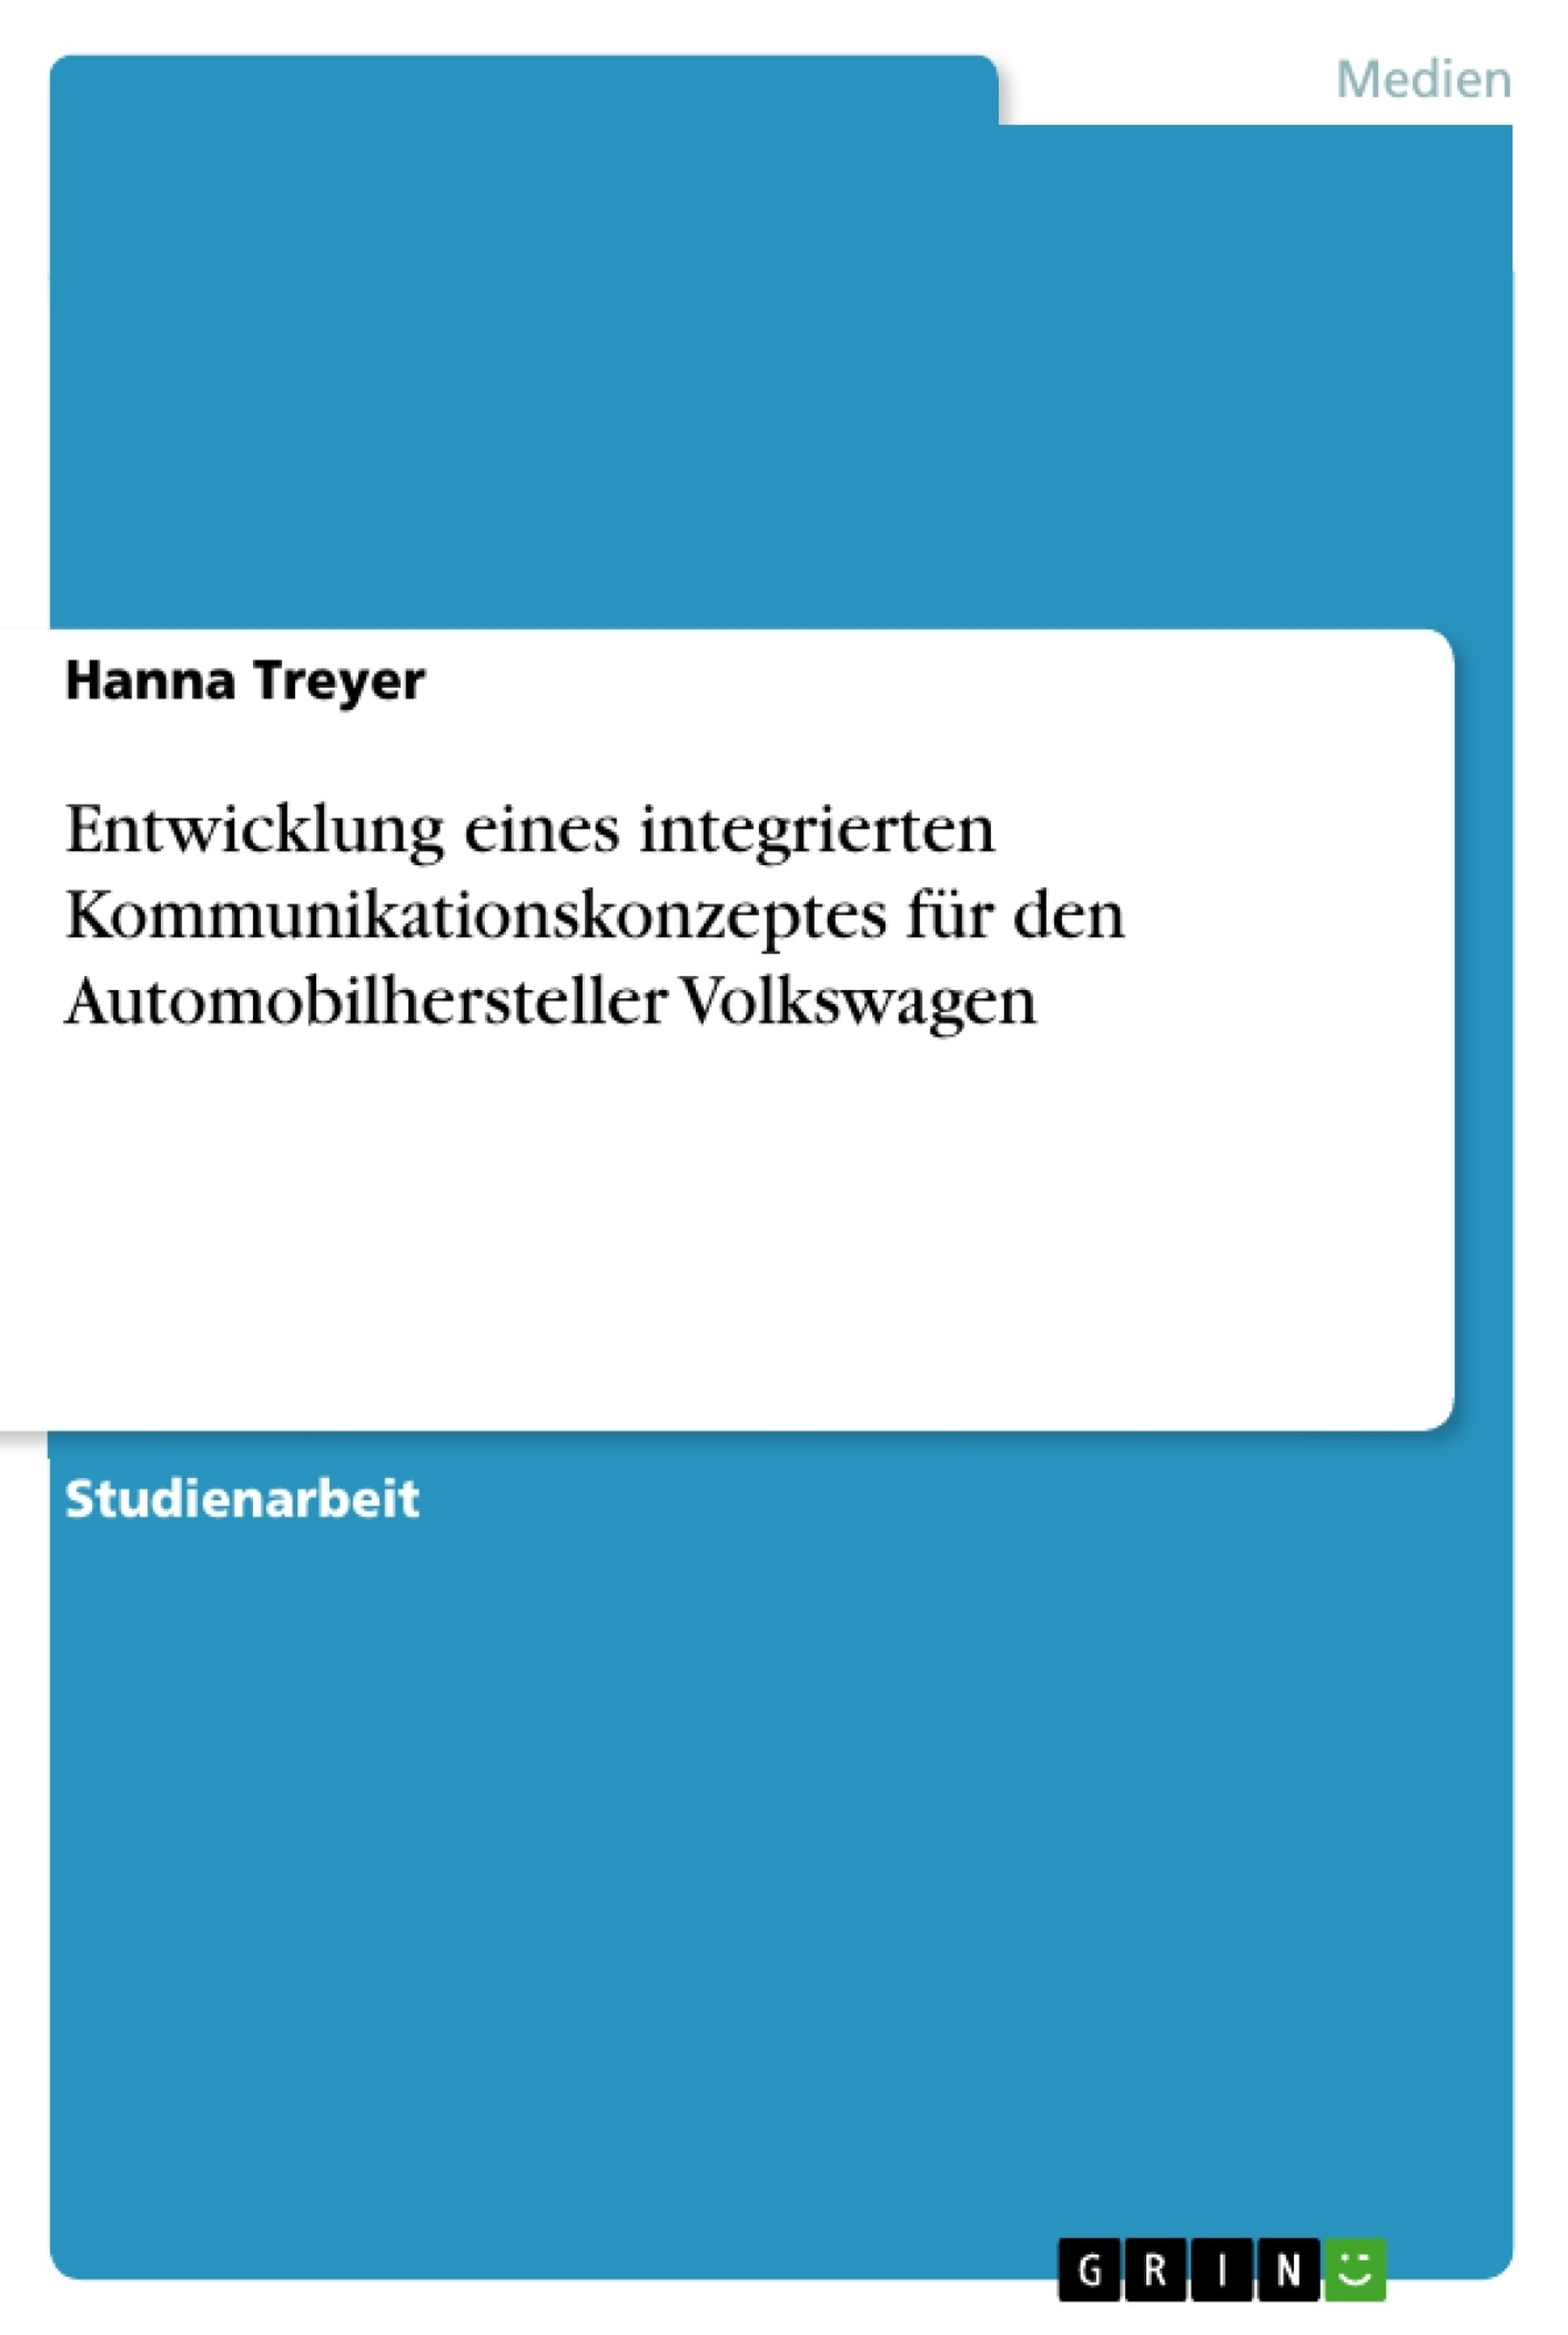 Titel: Entwicklung eines integrierten Kommunikationskonzeptes für den Automobilhersteller Volkswagen